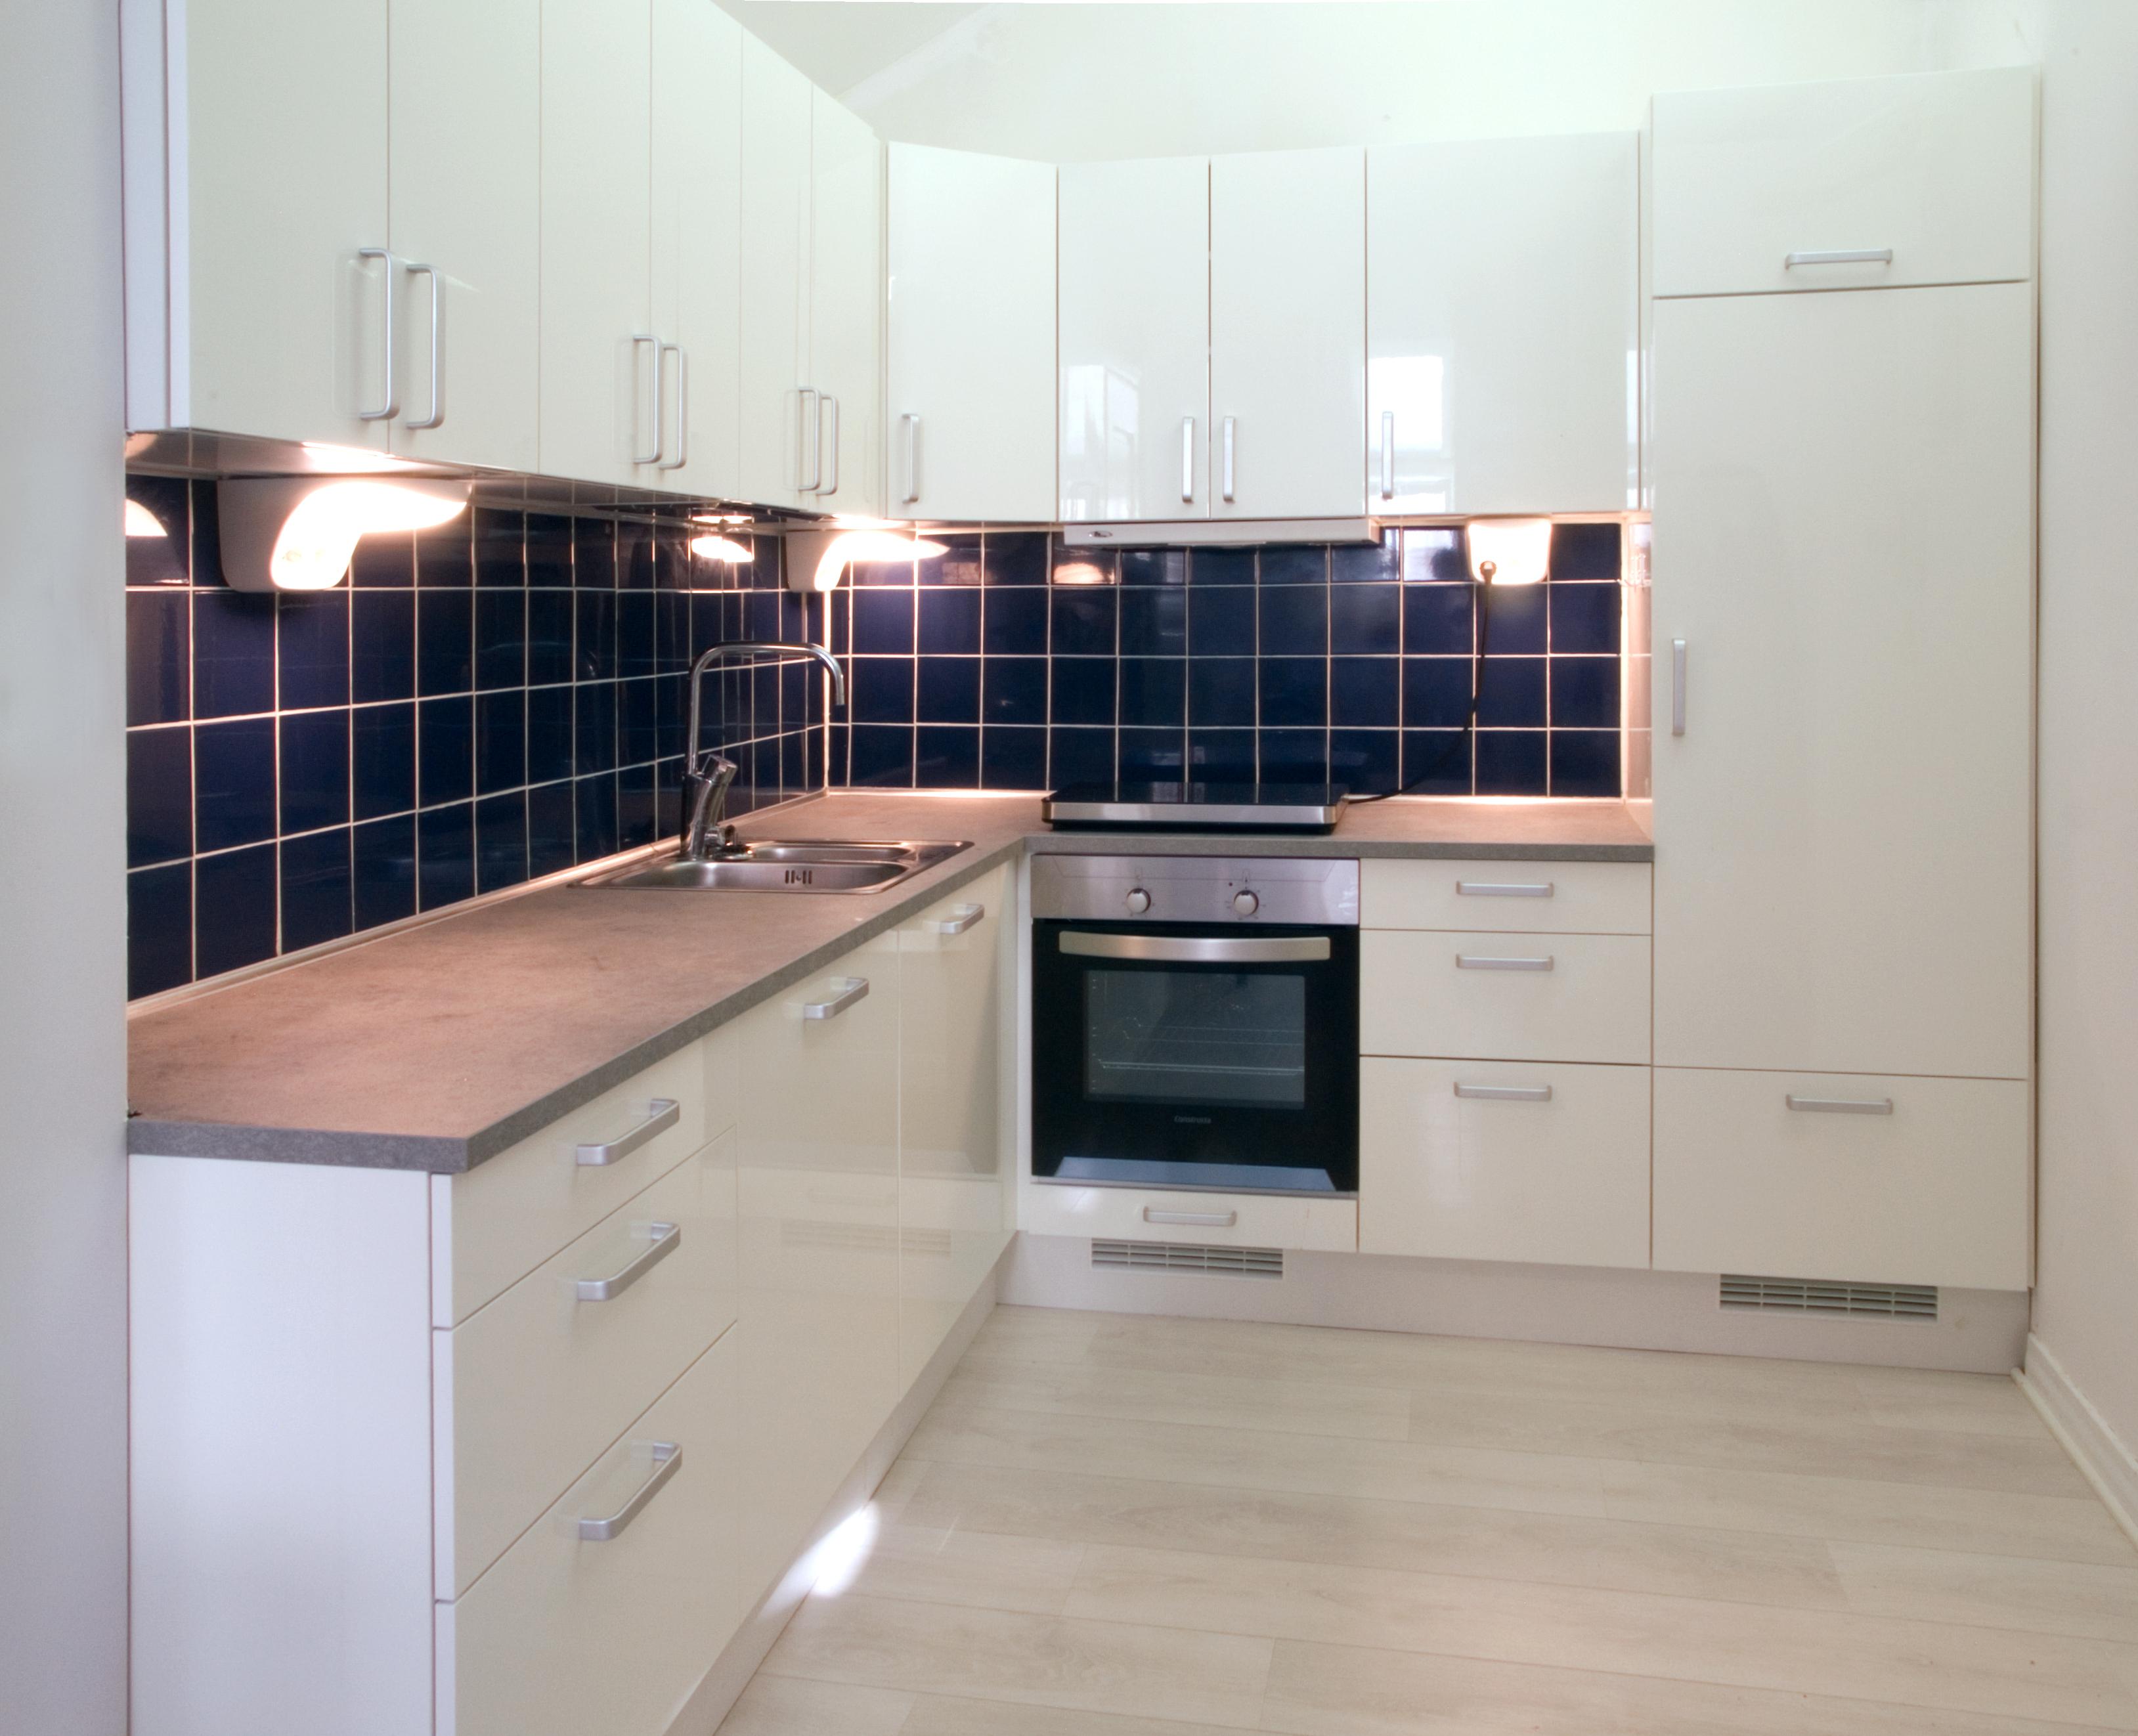 Kitchen Paint Vs Living Room Paint